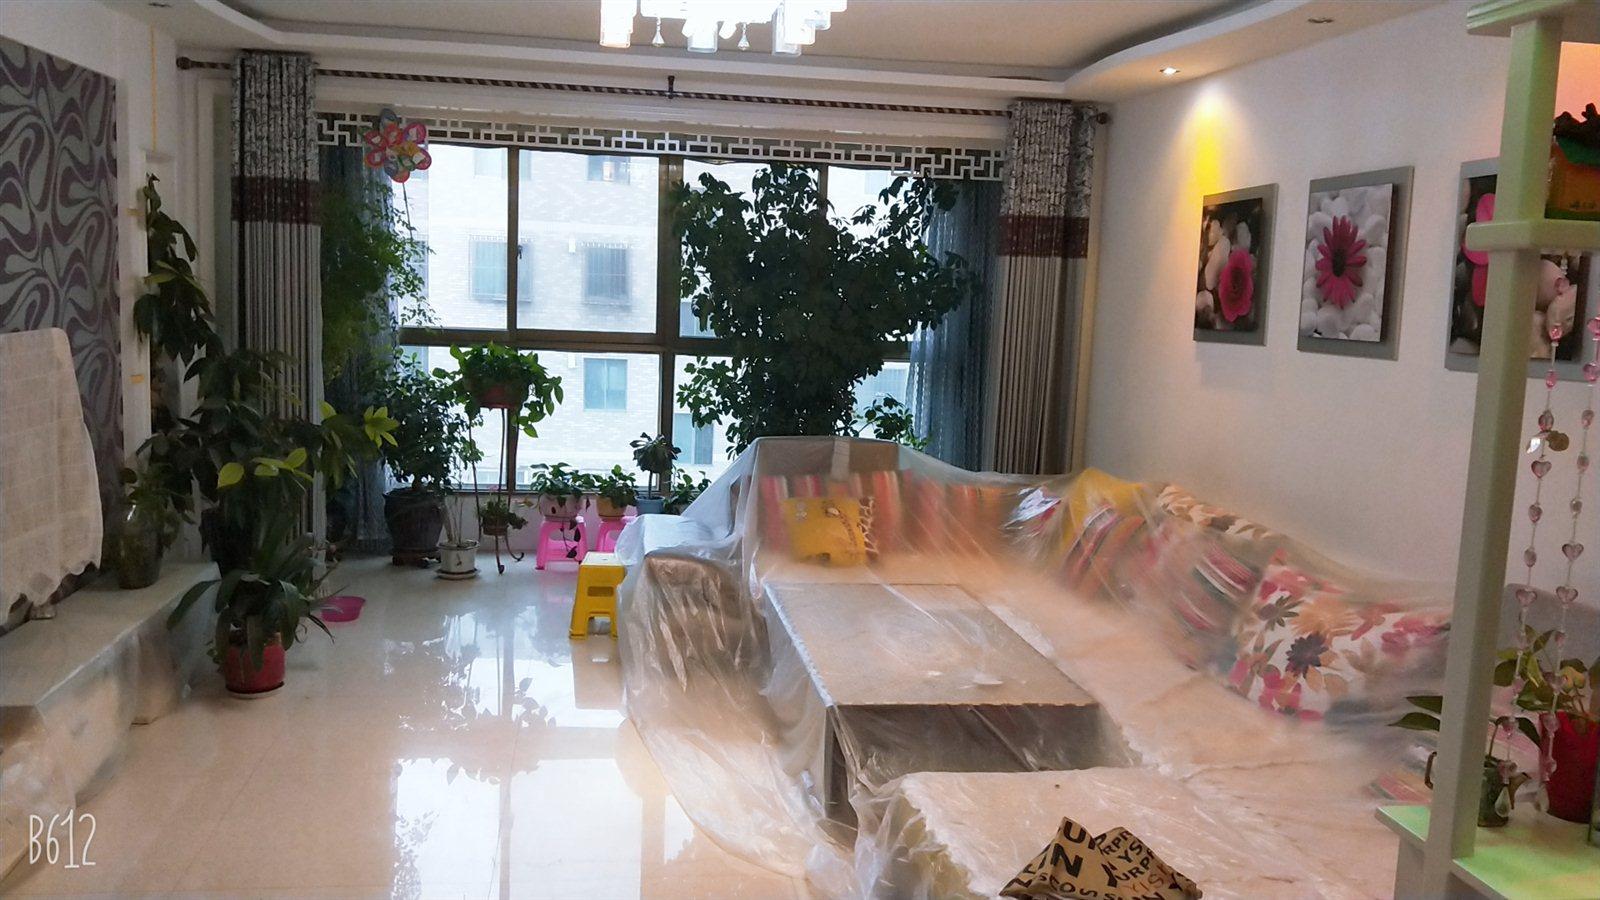 嘉德苑小区3室 2厅 1卫50万元